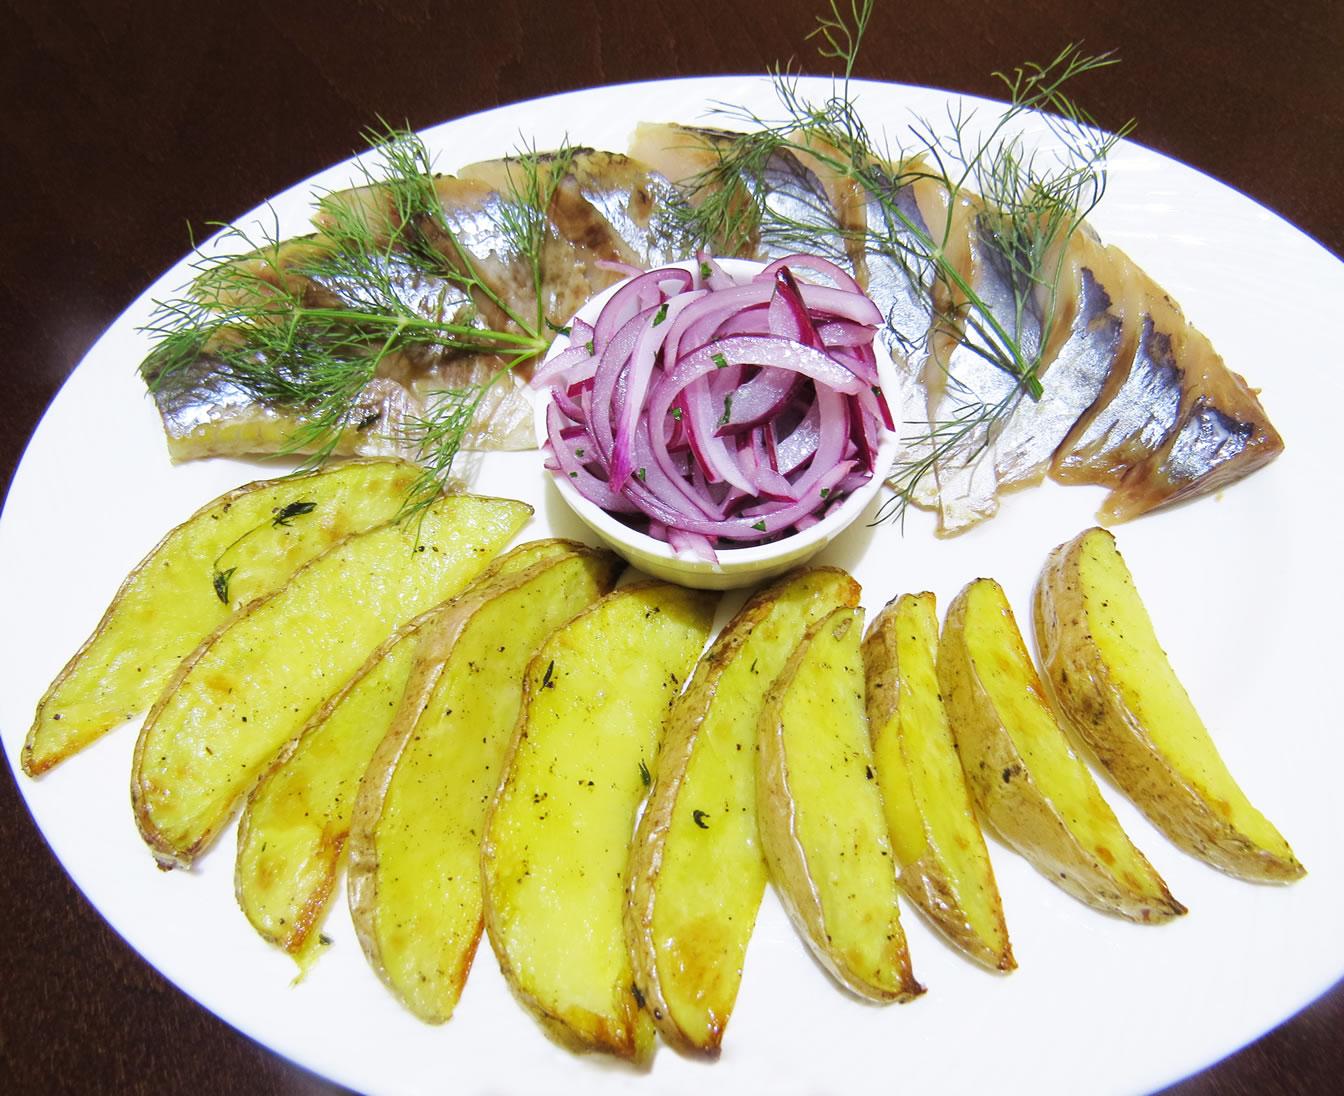 Сельдь с картофелем ресторан Аннам Брахма в Оренбурге